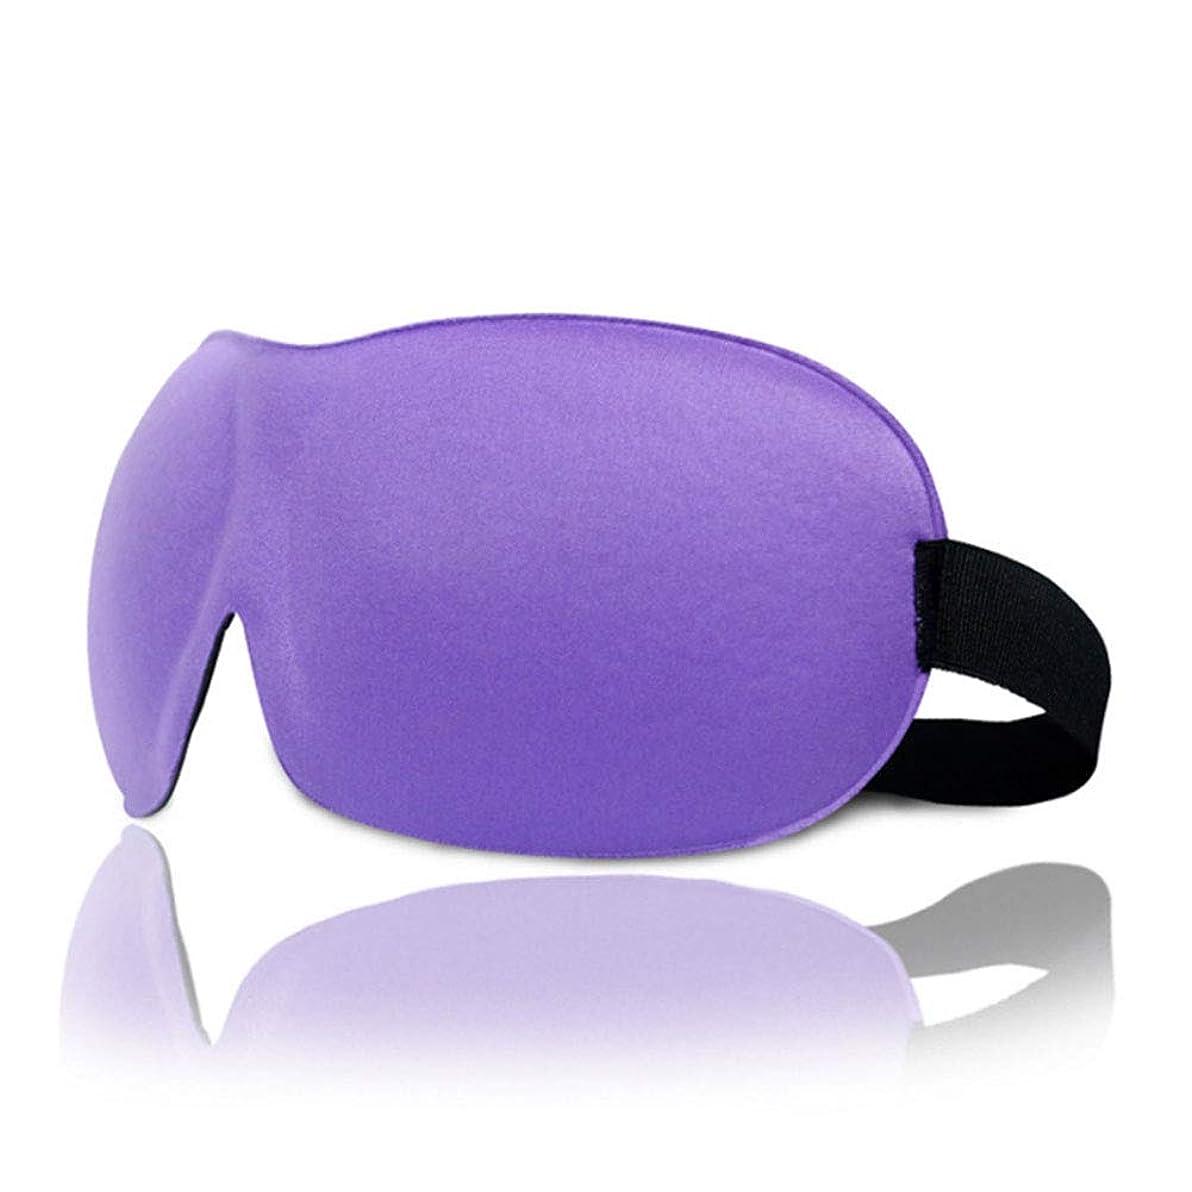 忘れられない認証ボイドNOTE 3Dアイマスク睡眠ソフトパッド入りシェードカバー残りリラックス目隠し実用旅行睡眠なしライト通気性H7JP